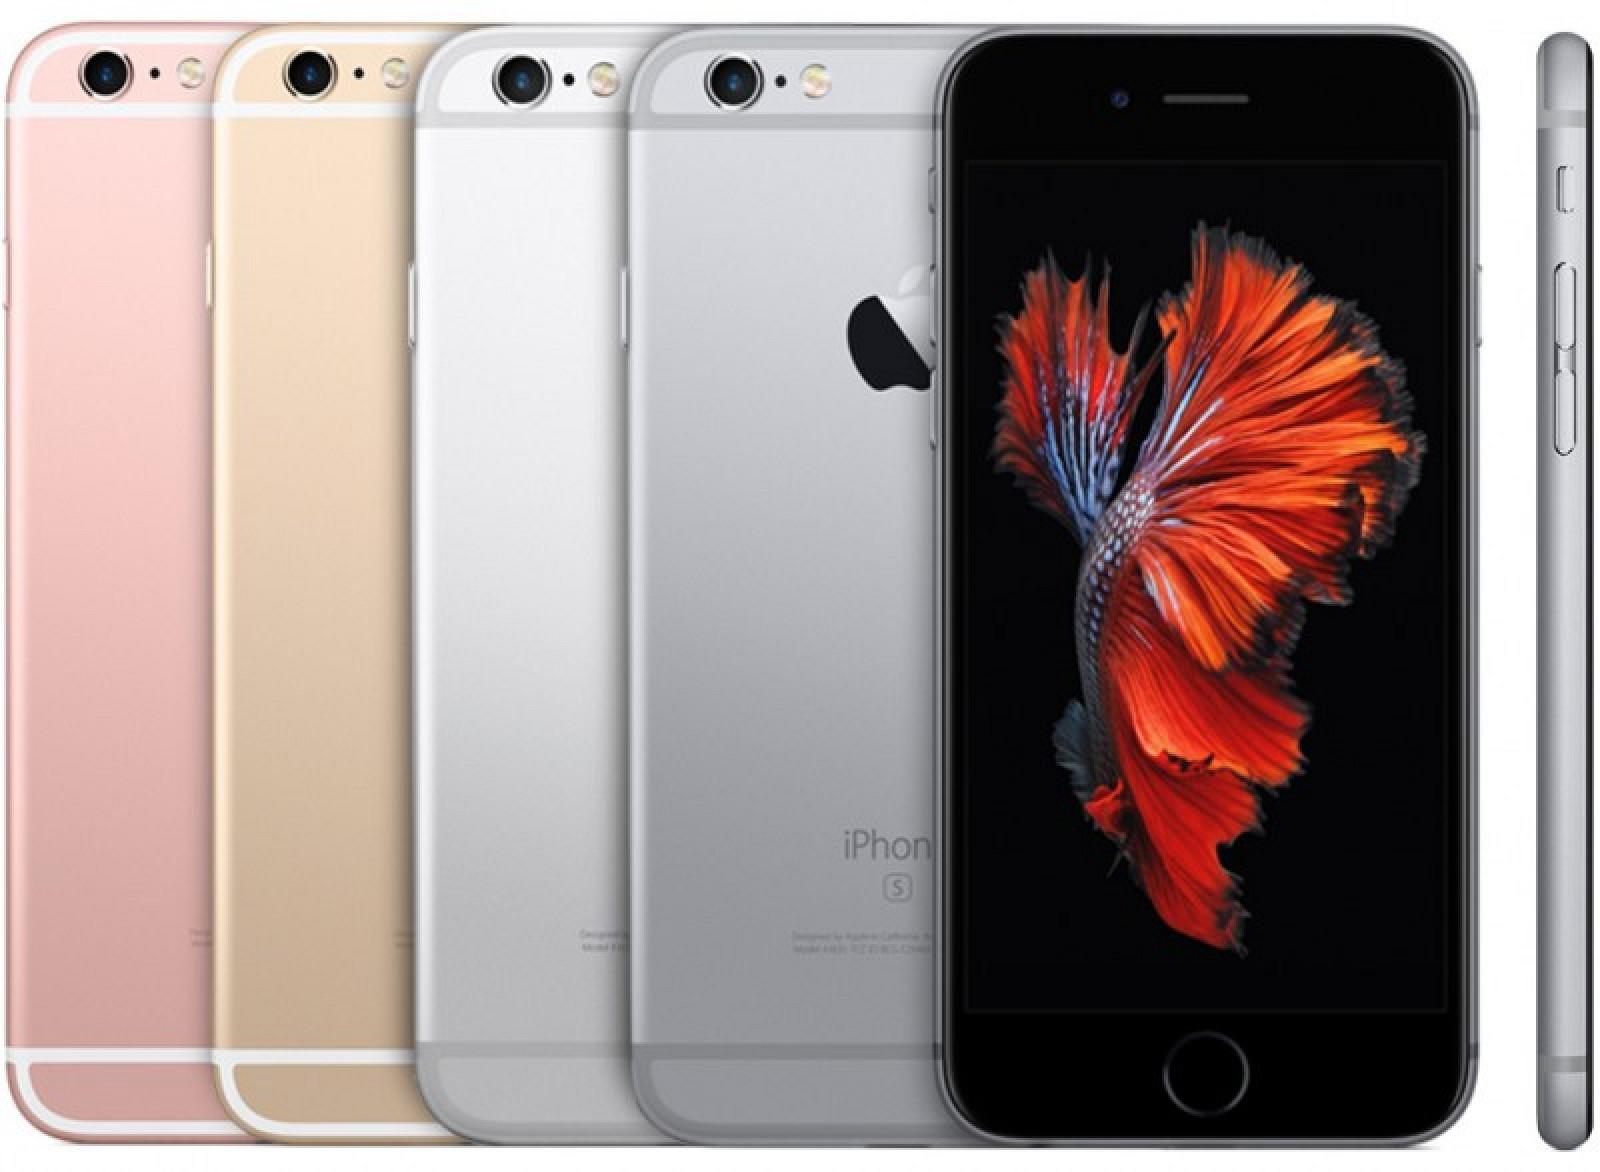 Probleme micro et prise jack : iPhone 6 / 6 Plus